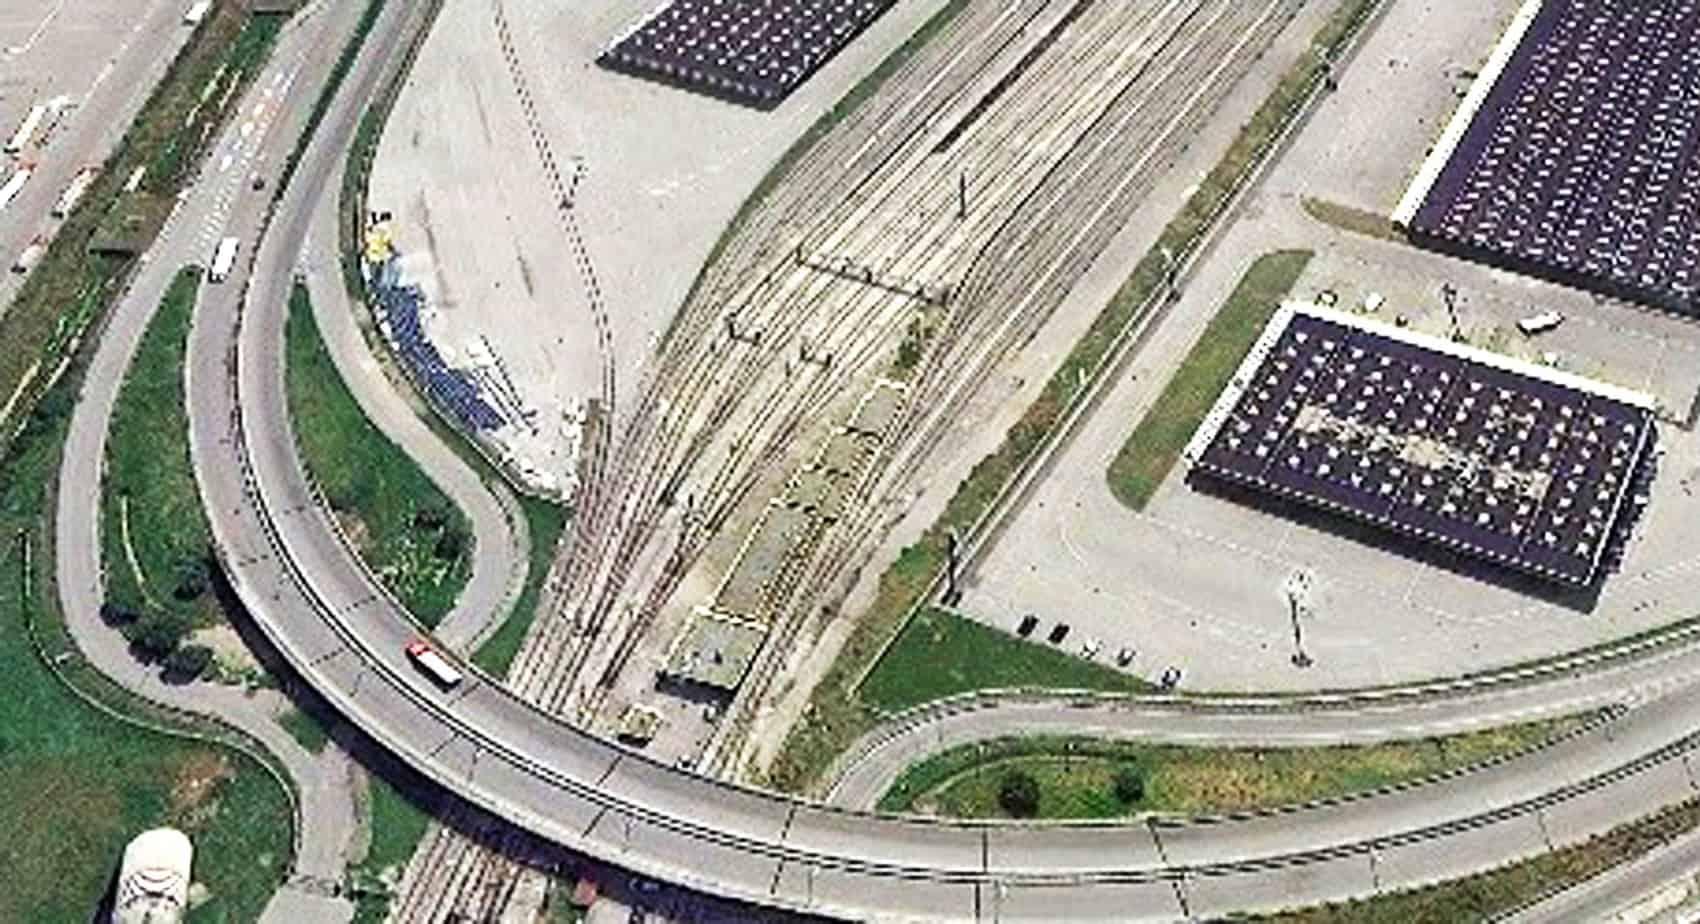 Il deposito e la rete ferroviaria dell'interporto di Nola